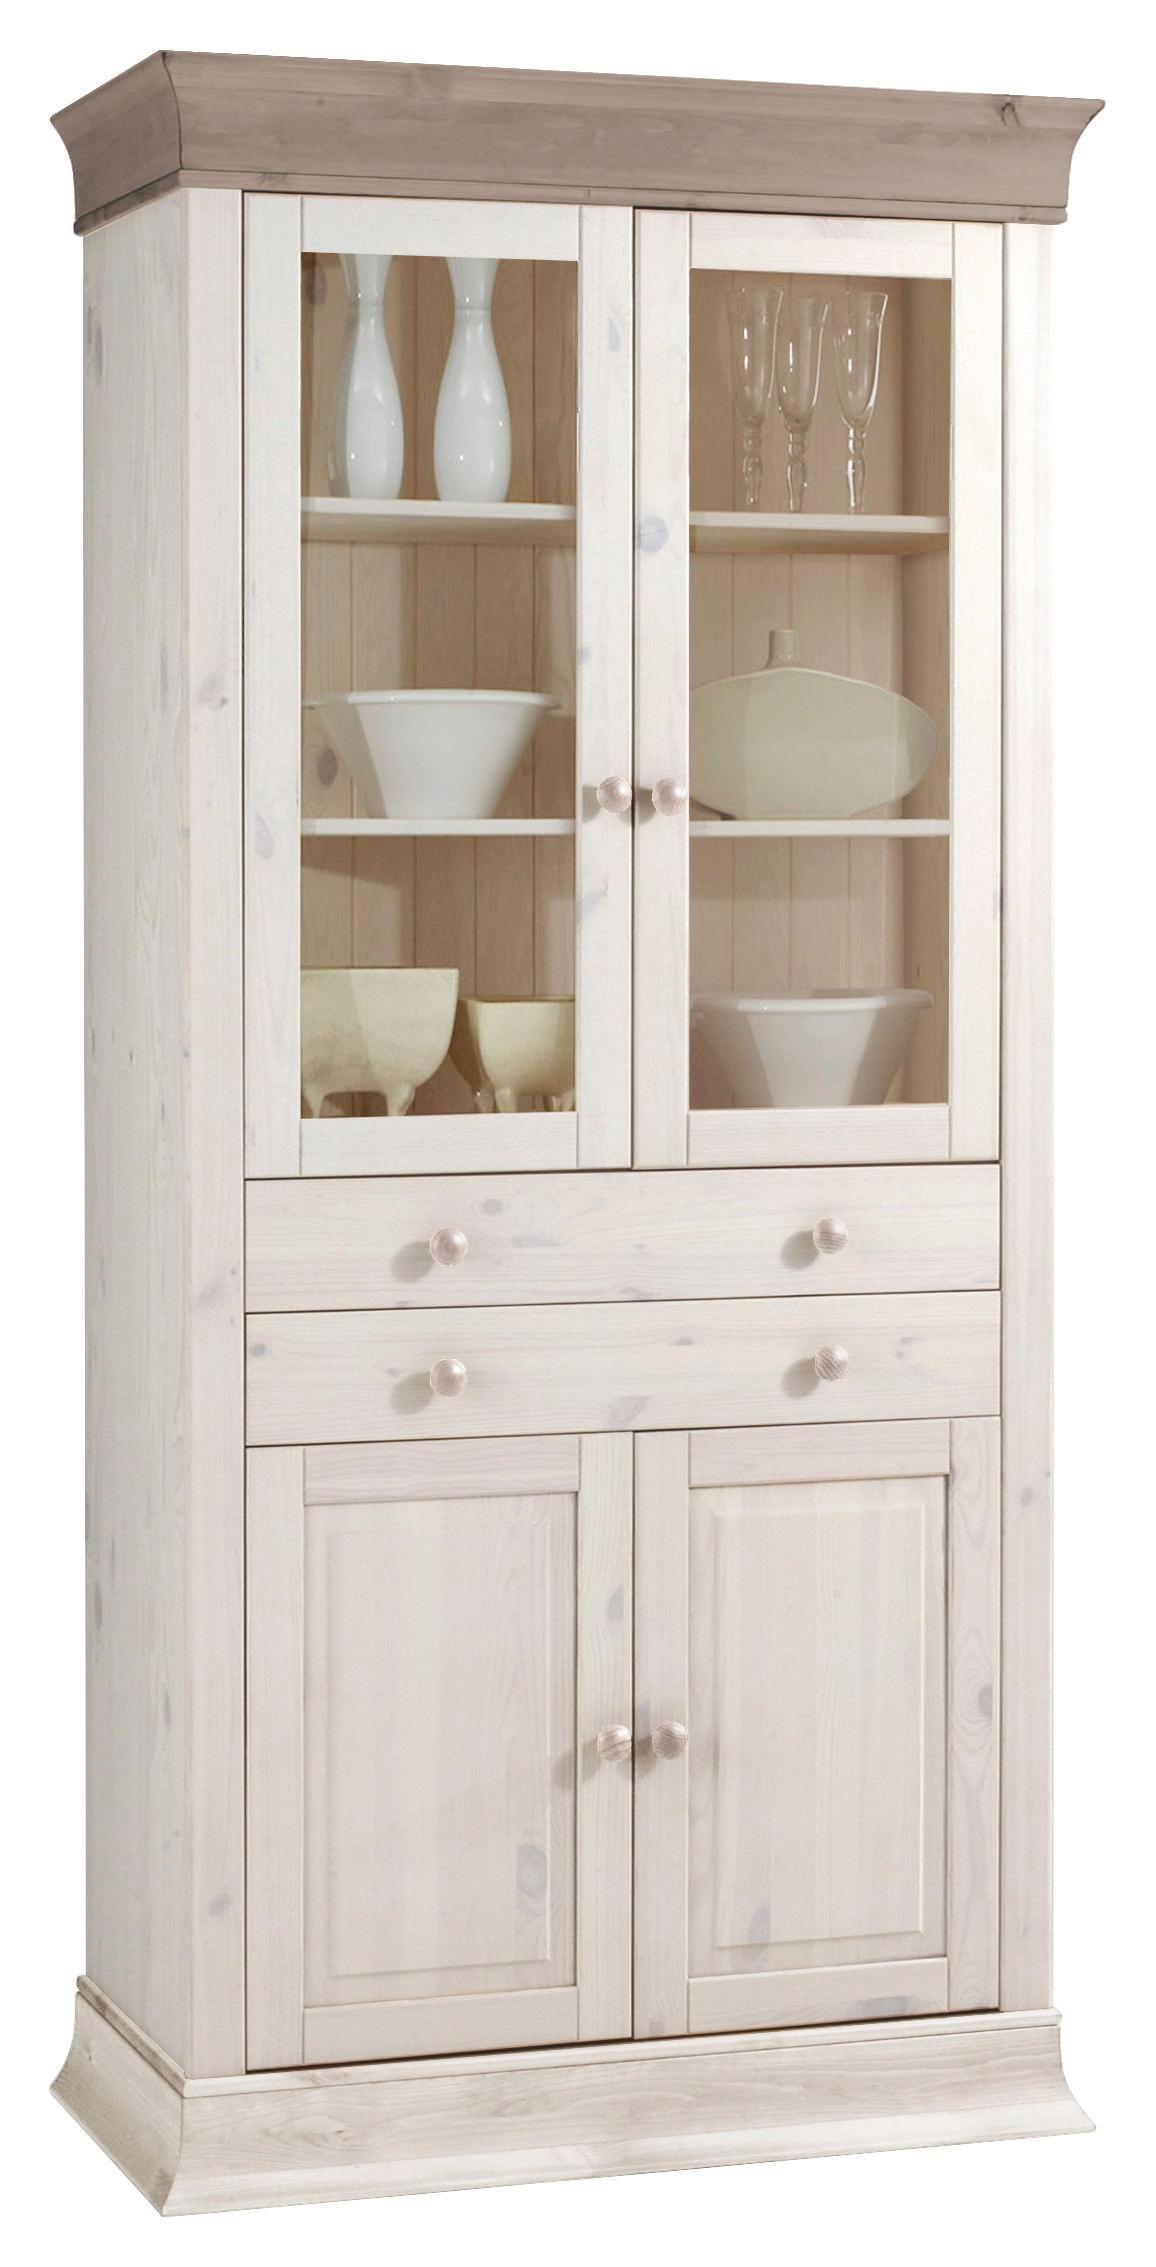 VITRINE Kiefer massiv Grau, Weiß - Weiß/Grau, Design, Holz (94/195/45cm) - CARRYHOME